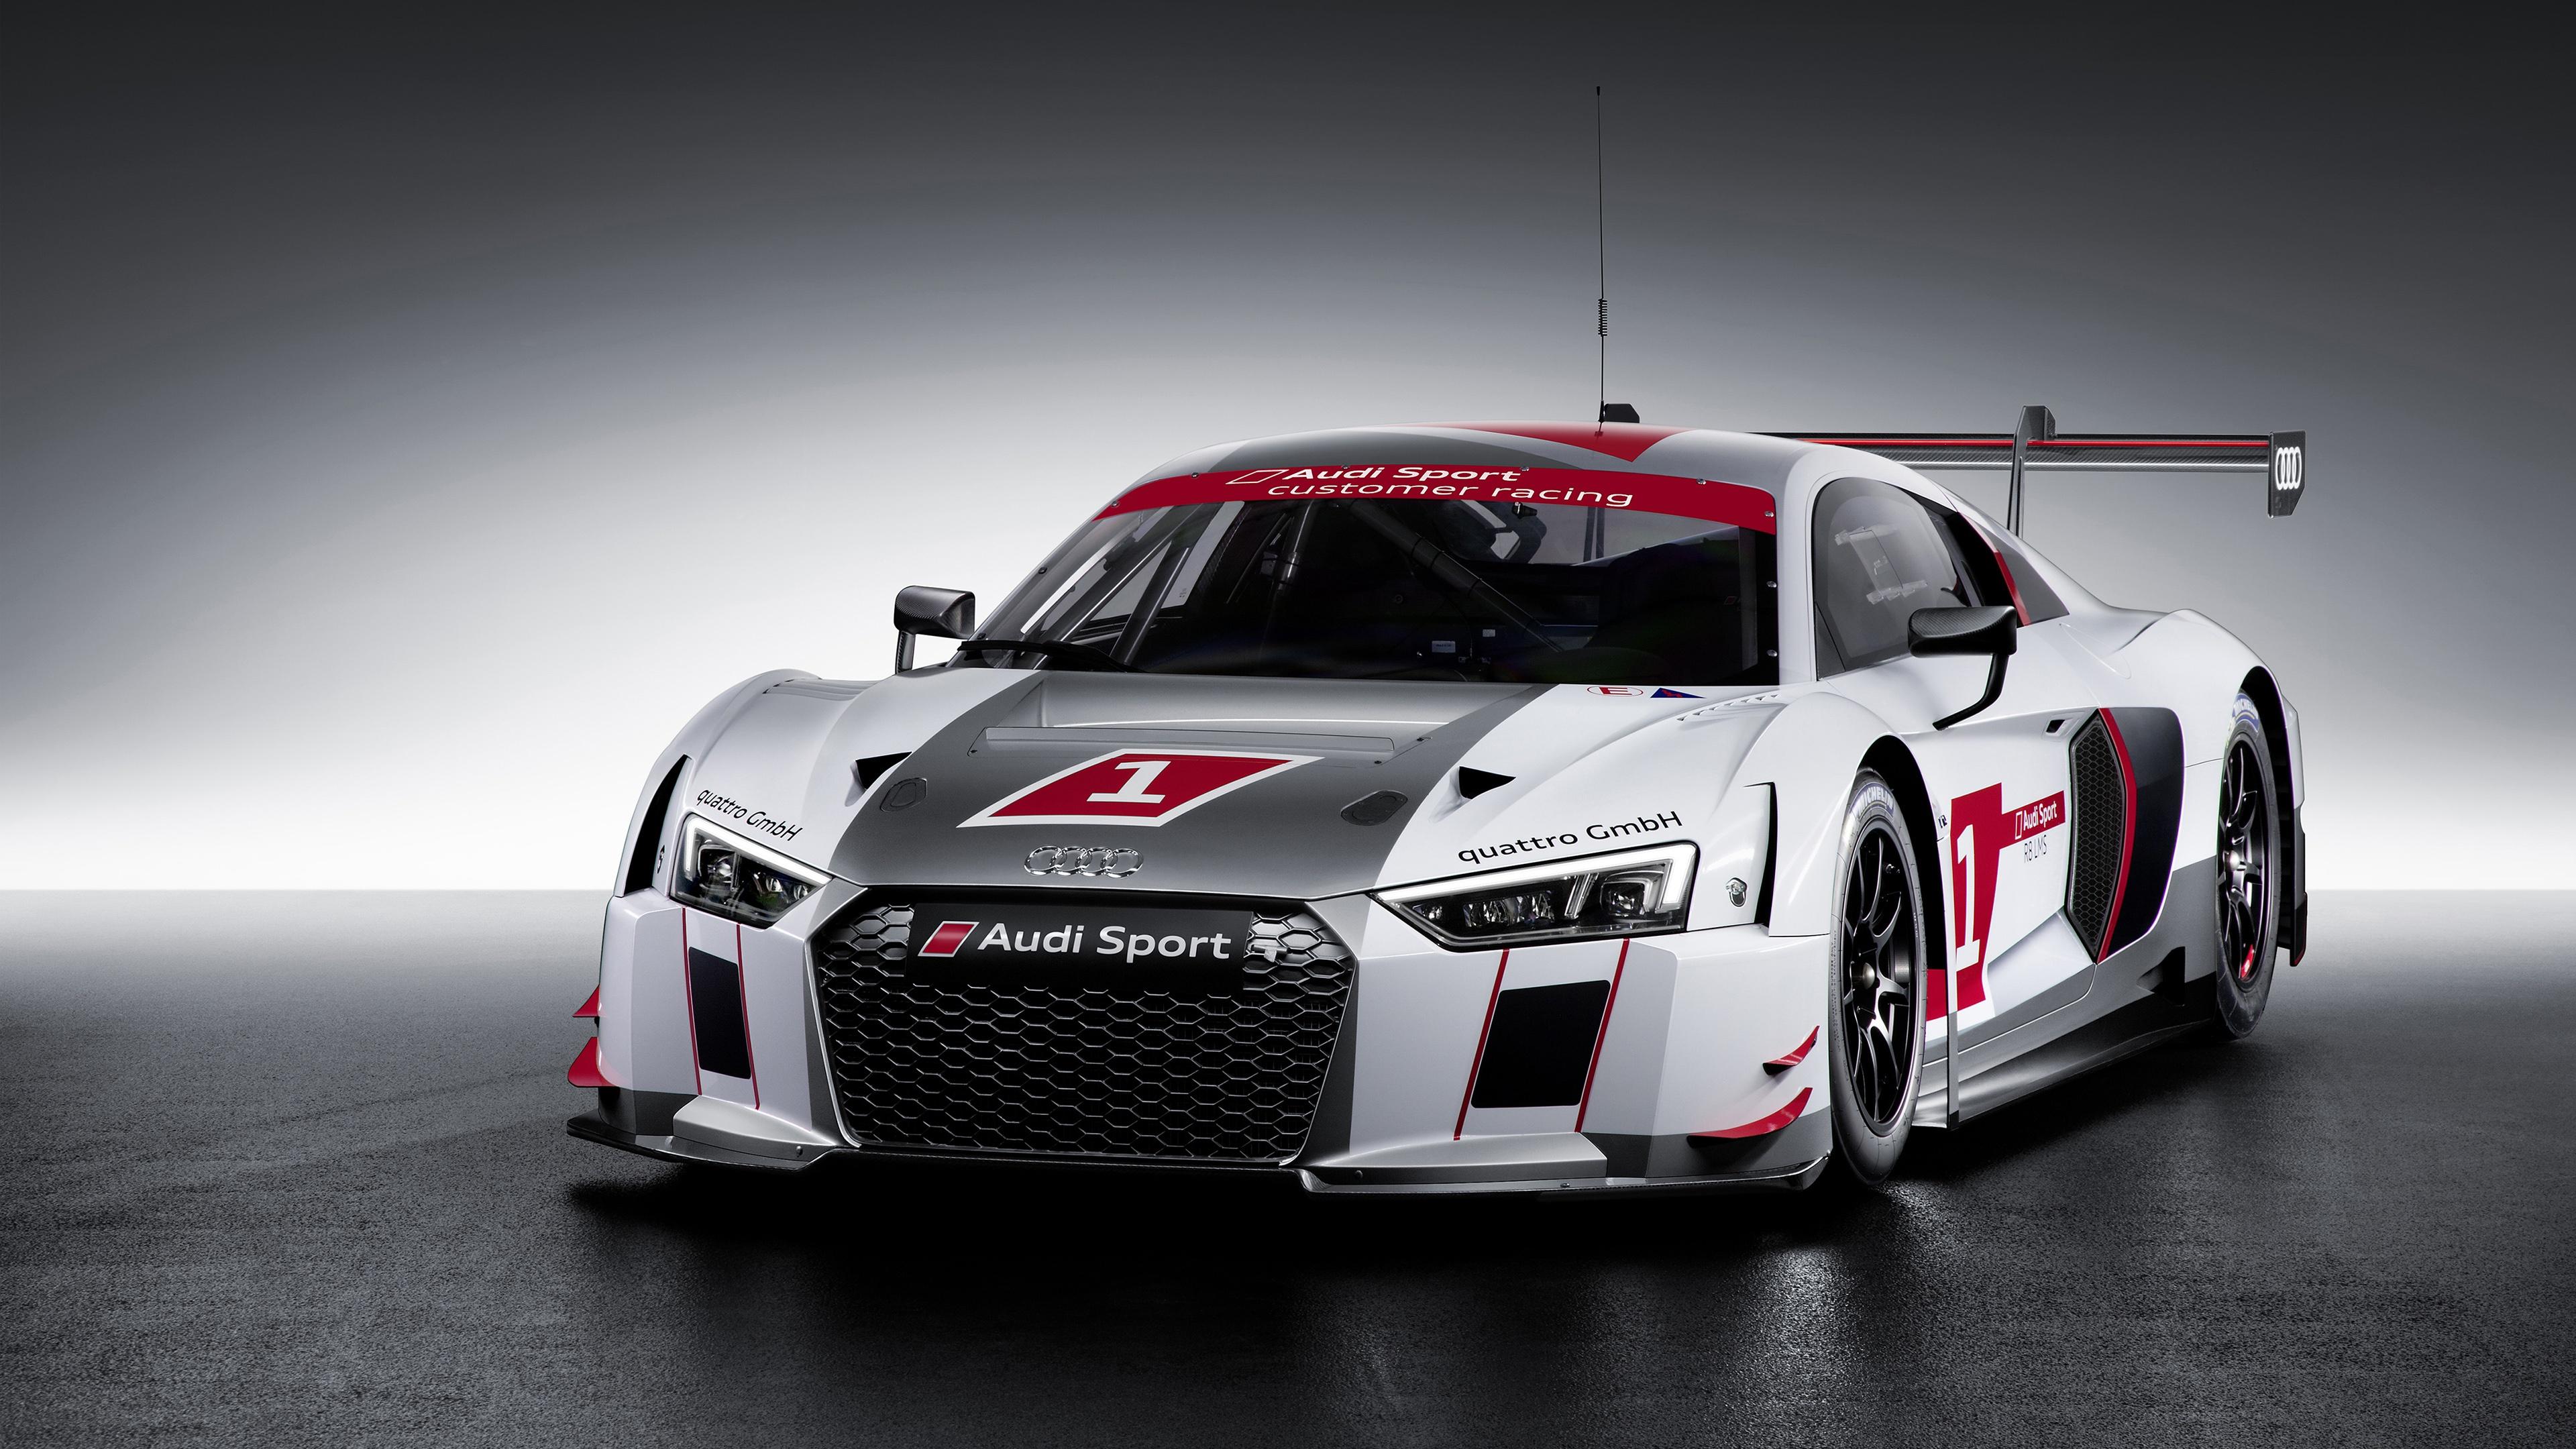 Audi Wallpaper download 3840x2160